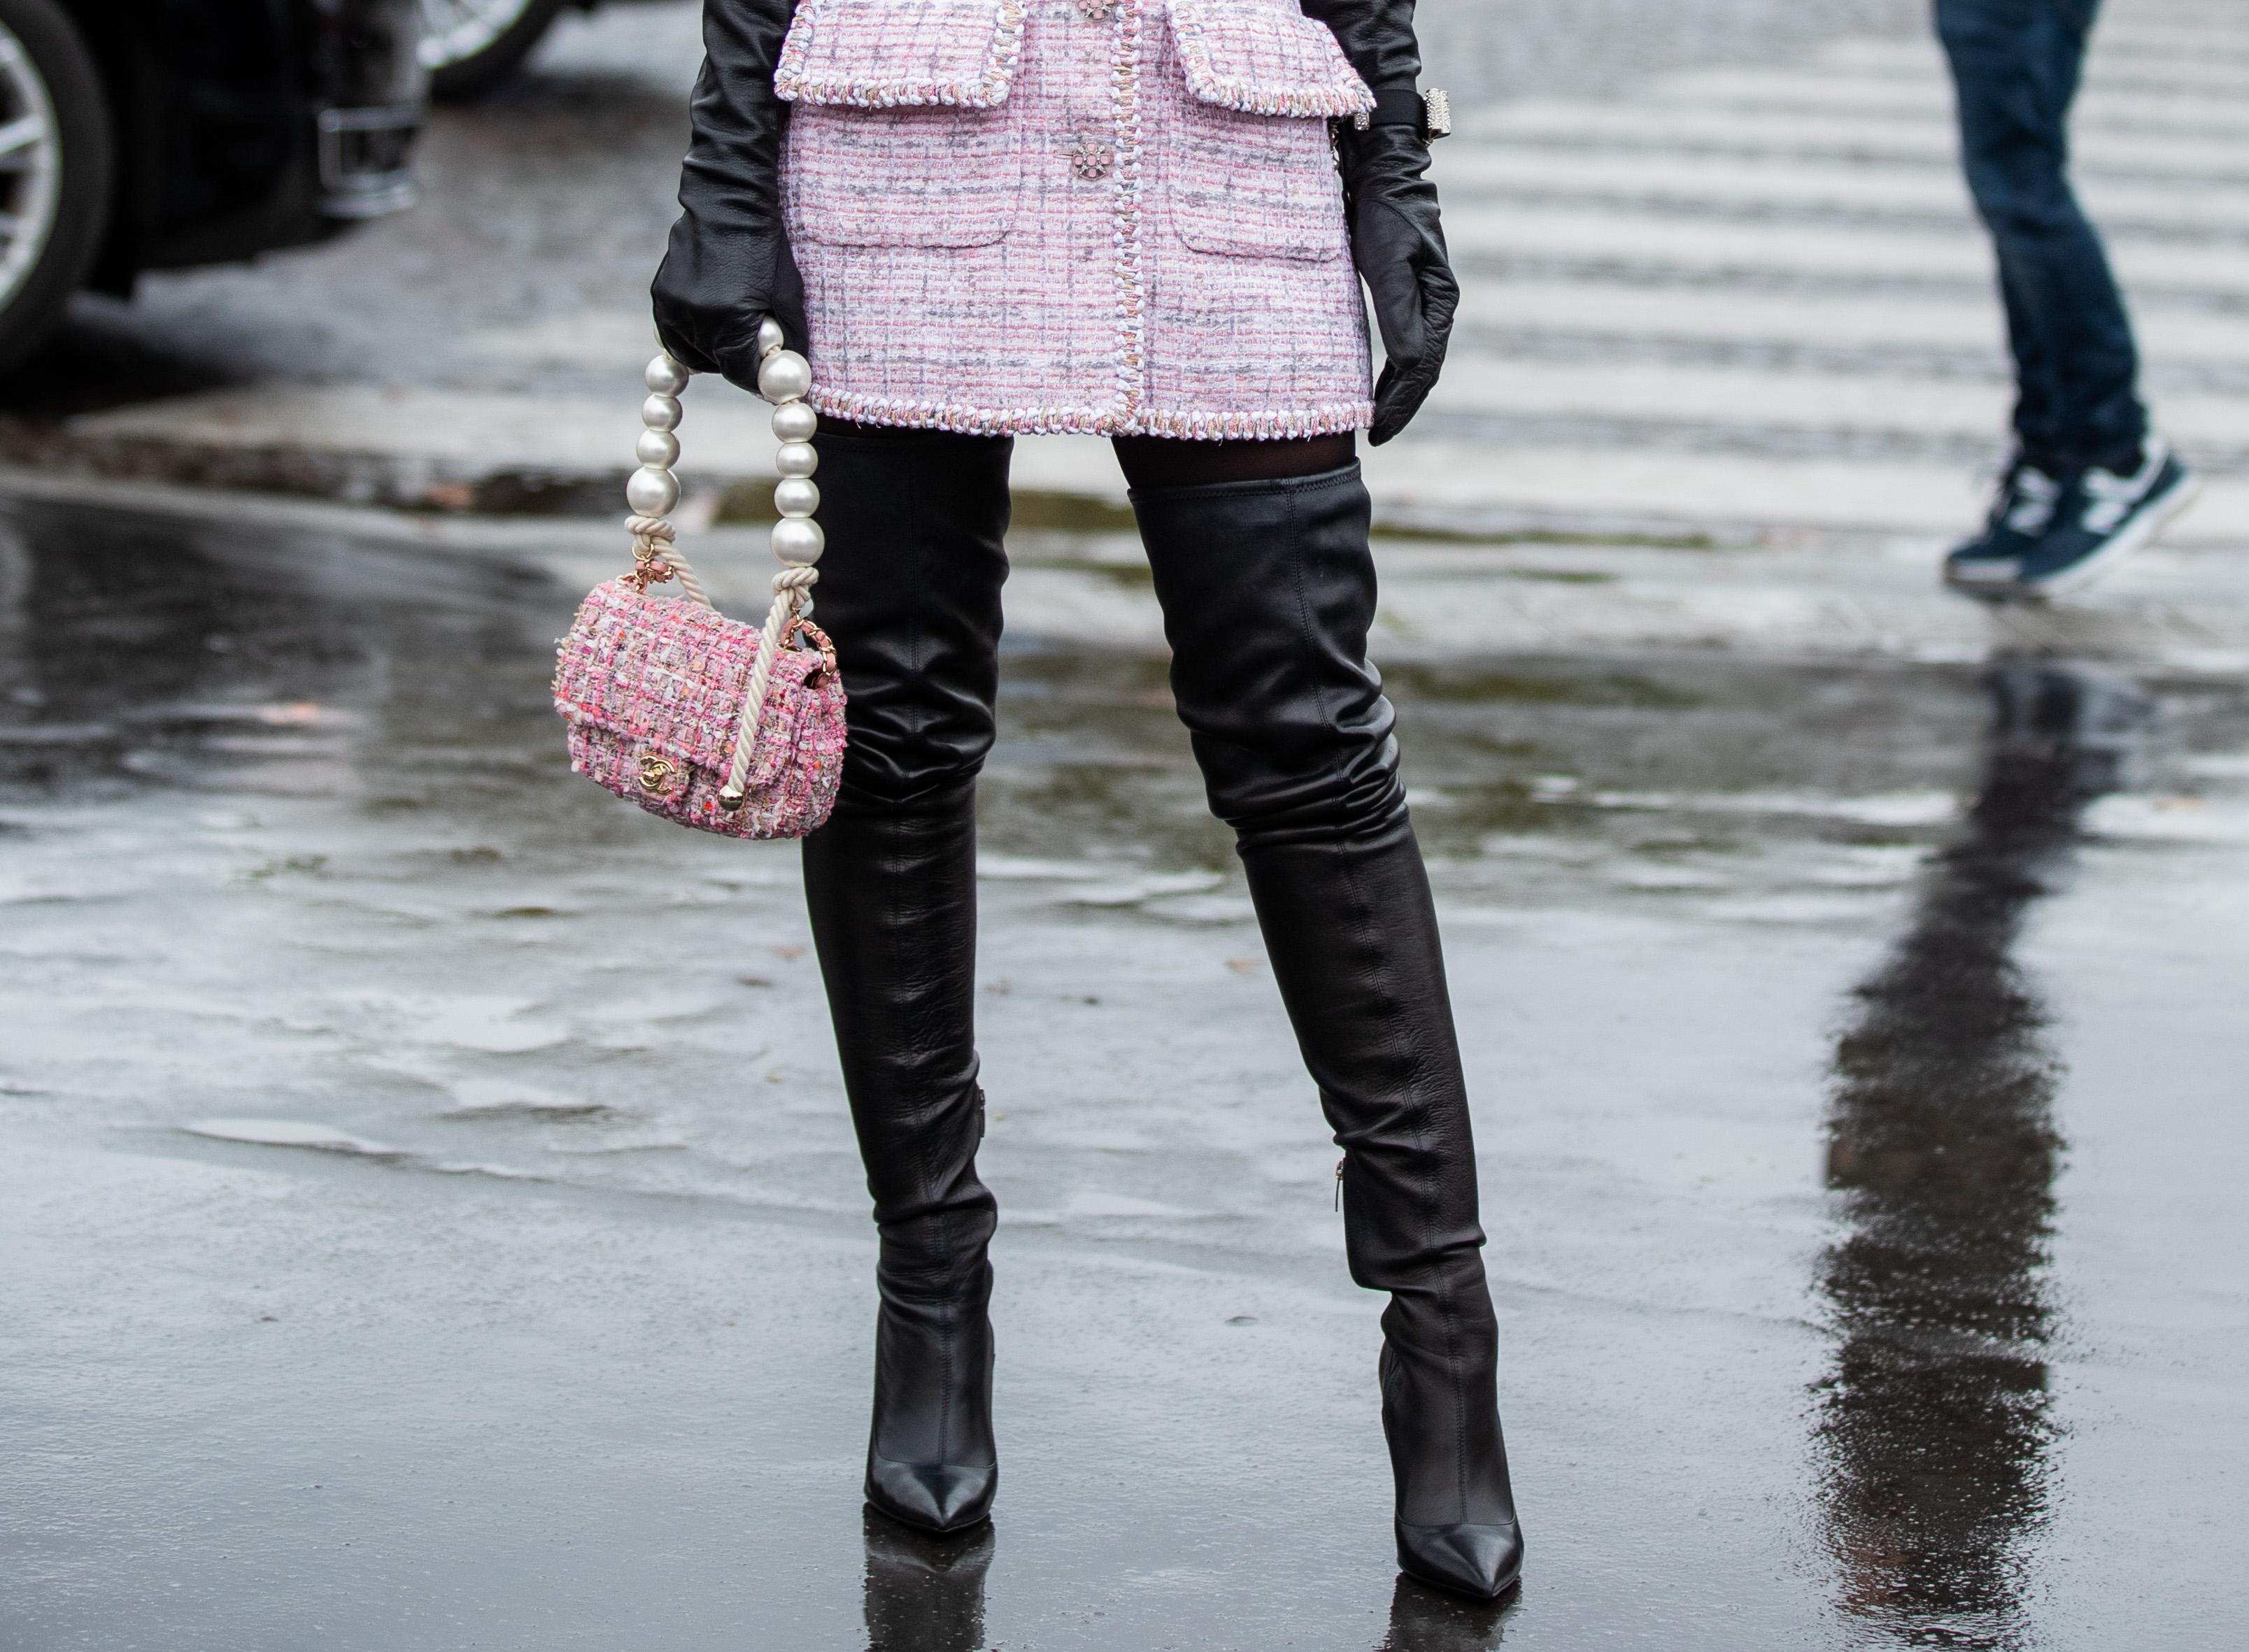 1足持っていると幅広い着こなしが楽しめるブラックカラーのニーハイブーツを、まるでボトムのようにコーディネイトしたスタイルは脚長効果抜群! ミニ丈×ニーハイブーツは鉄板の組み合わせ。